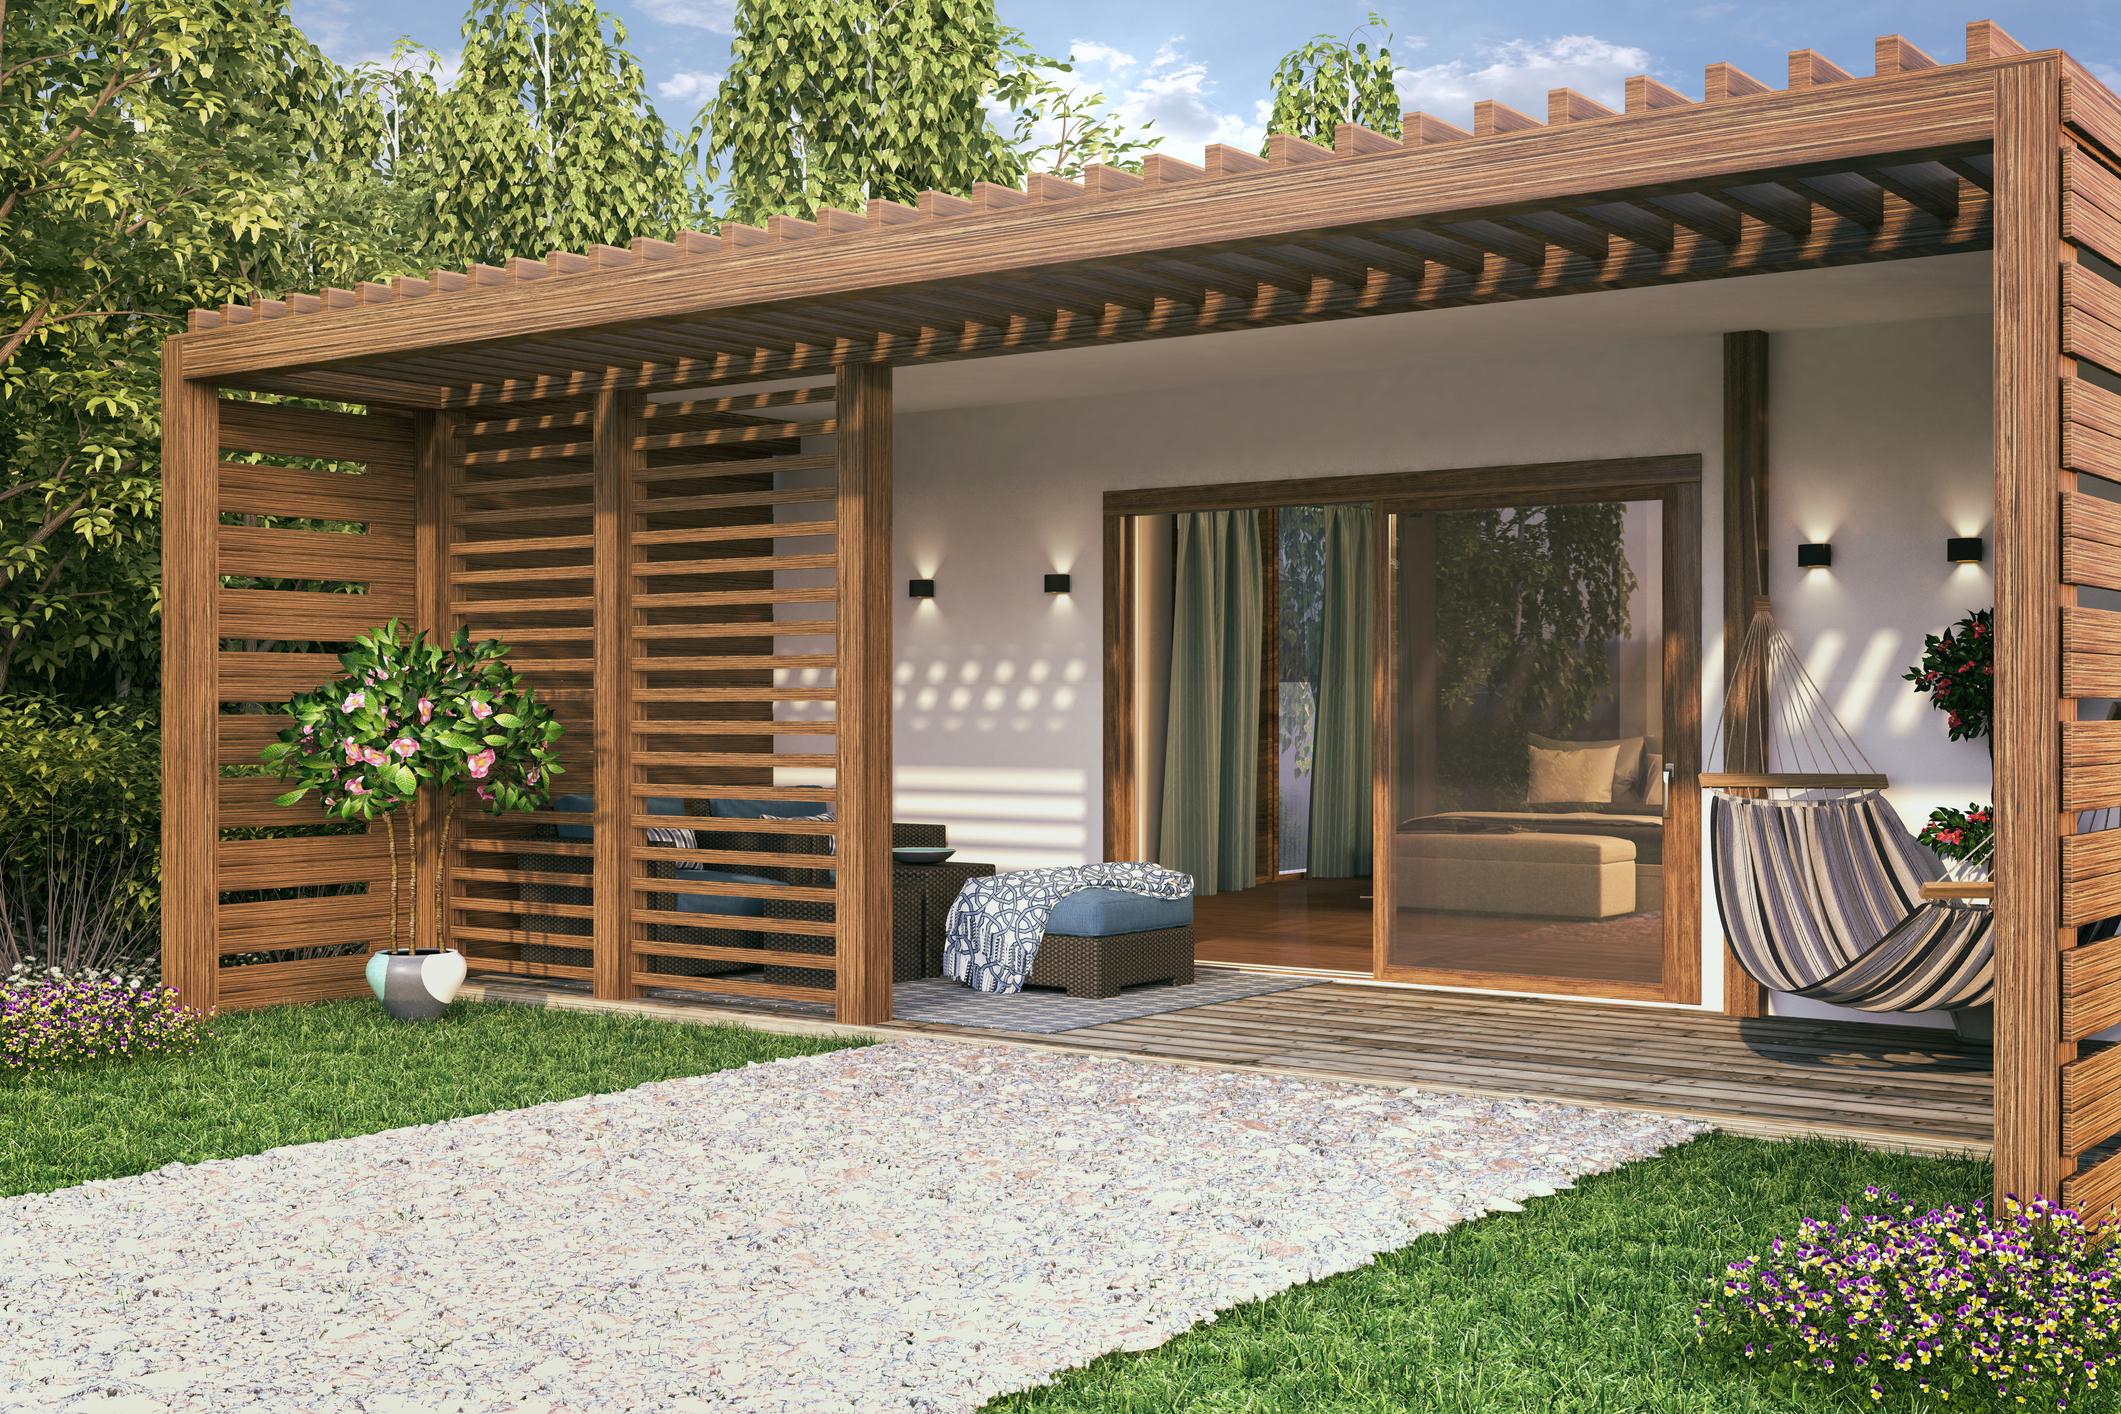 Maison avec du bois